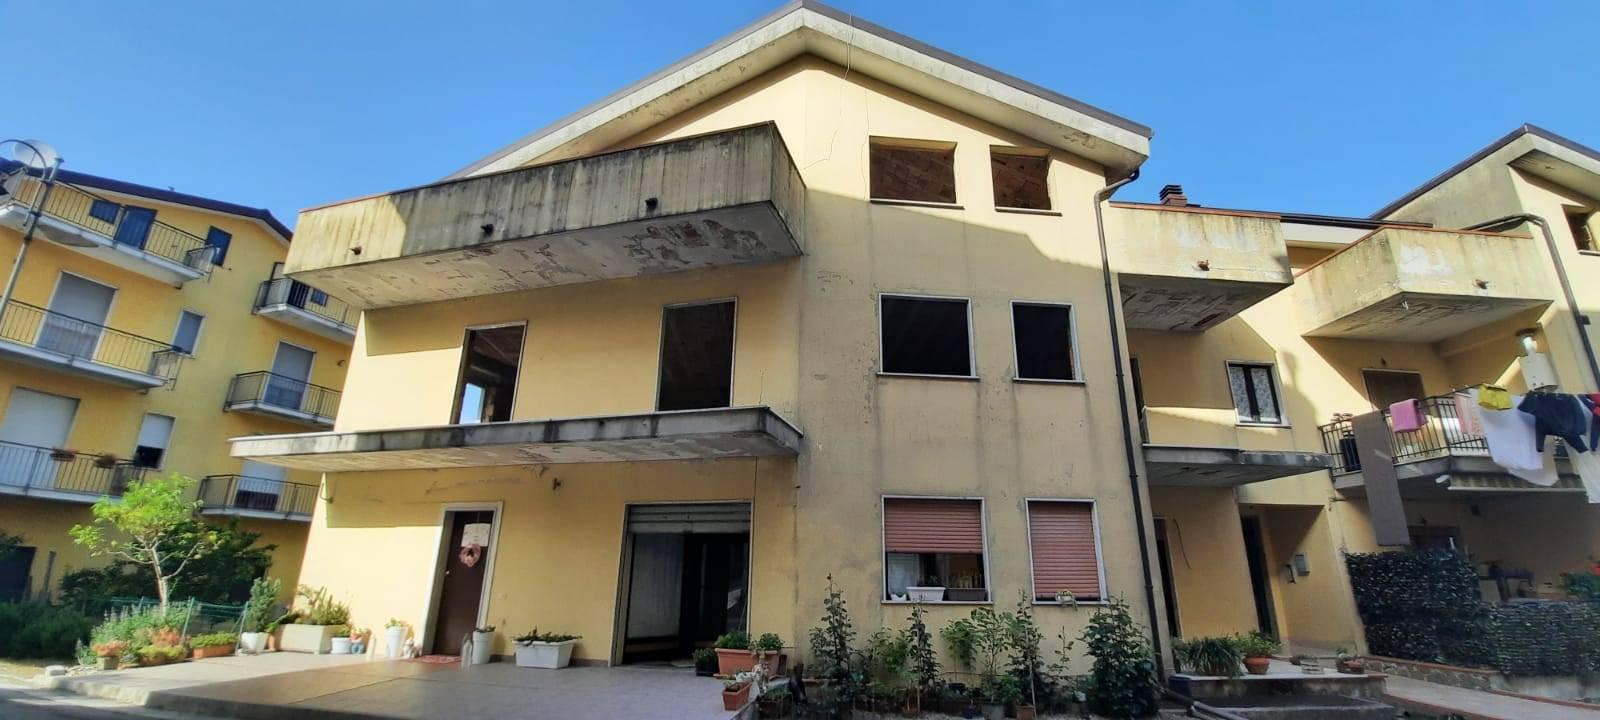 Attico / Mansarda in vendita a Caselle in Pittari, 4 locali, prezzo € 60.000   PortaleAgenzieImmobiliari.it